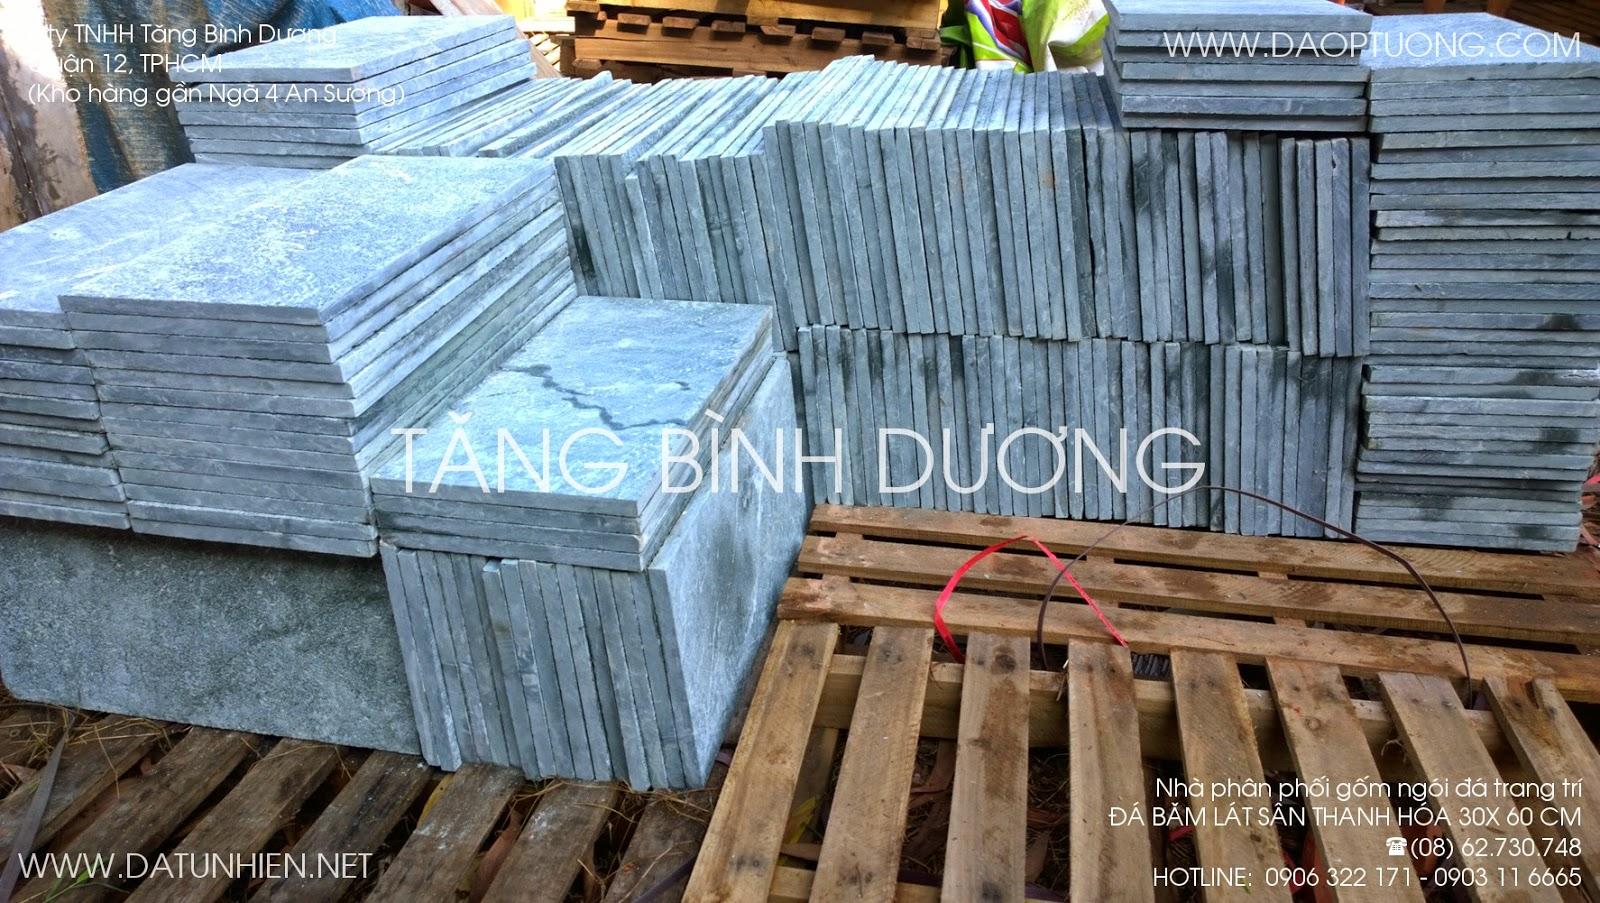 Đá băm lát sân 30x60 cm Thanh Hóa